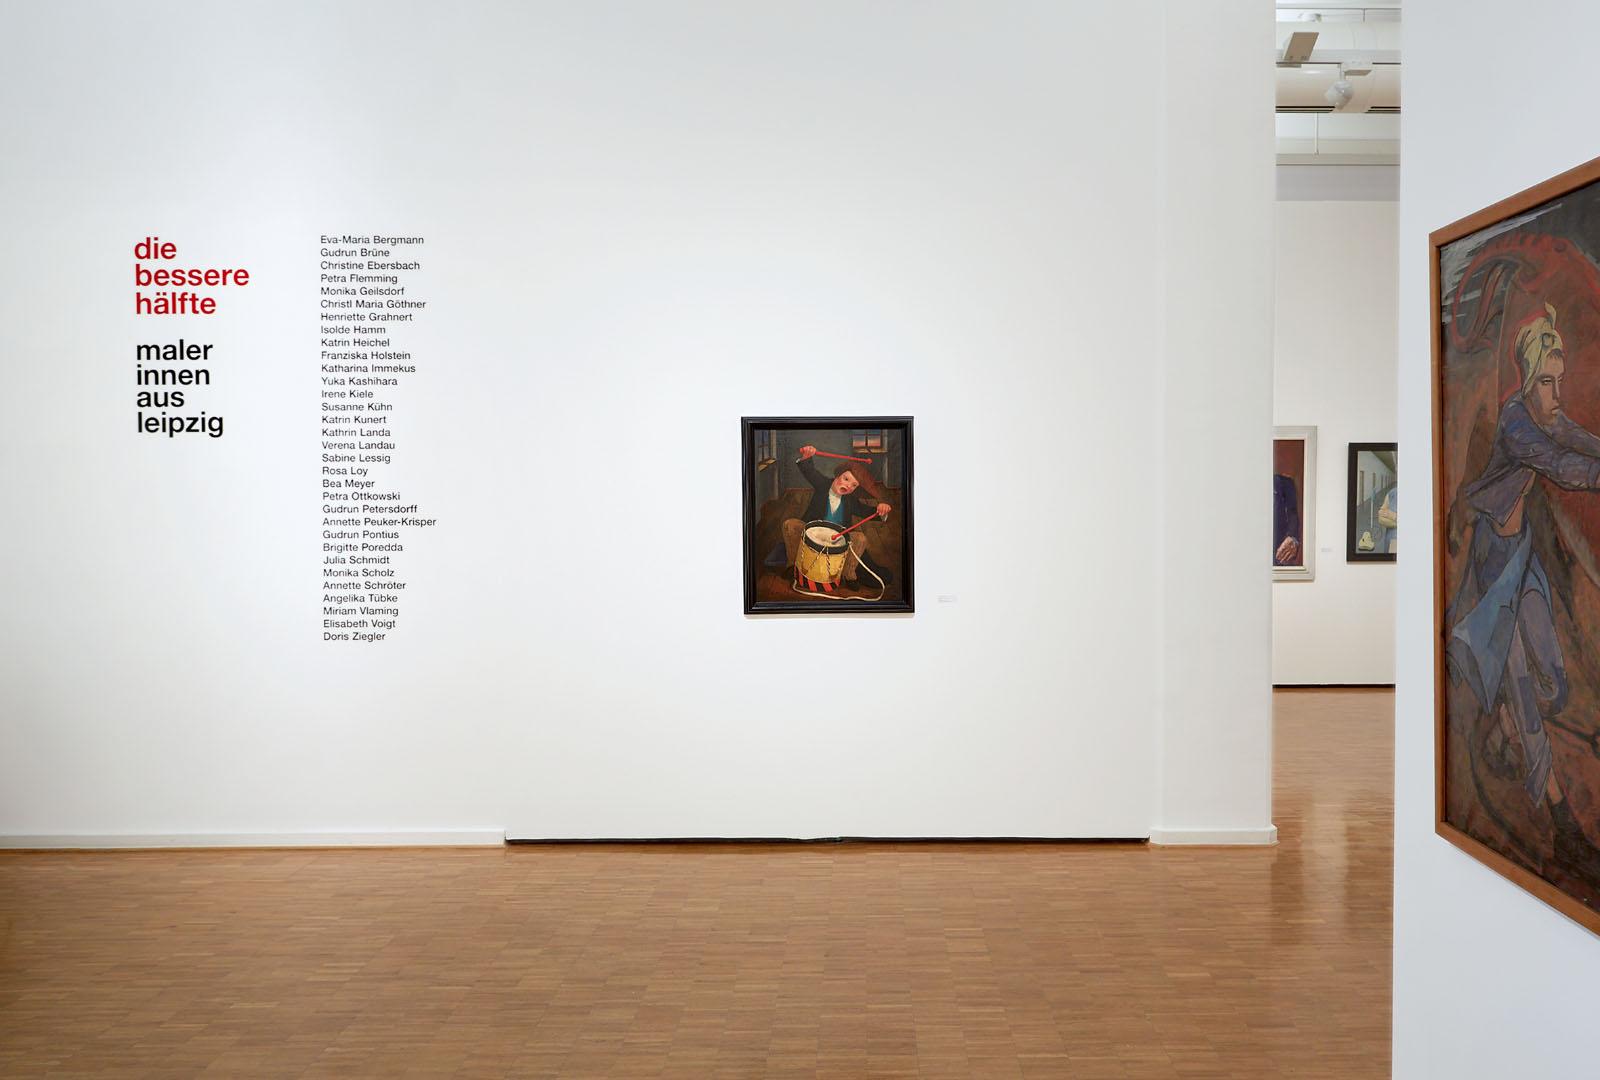 """Fotoaufnahmen der Malerei """"Demonstration"""" von Elisabeth Voigt. Ausstellung: """"Die bessere hälfte…"""" Kunsthalle der Sparkasse Leipzig. Auftrag: prinzplusprinz"""